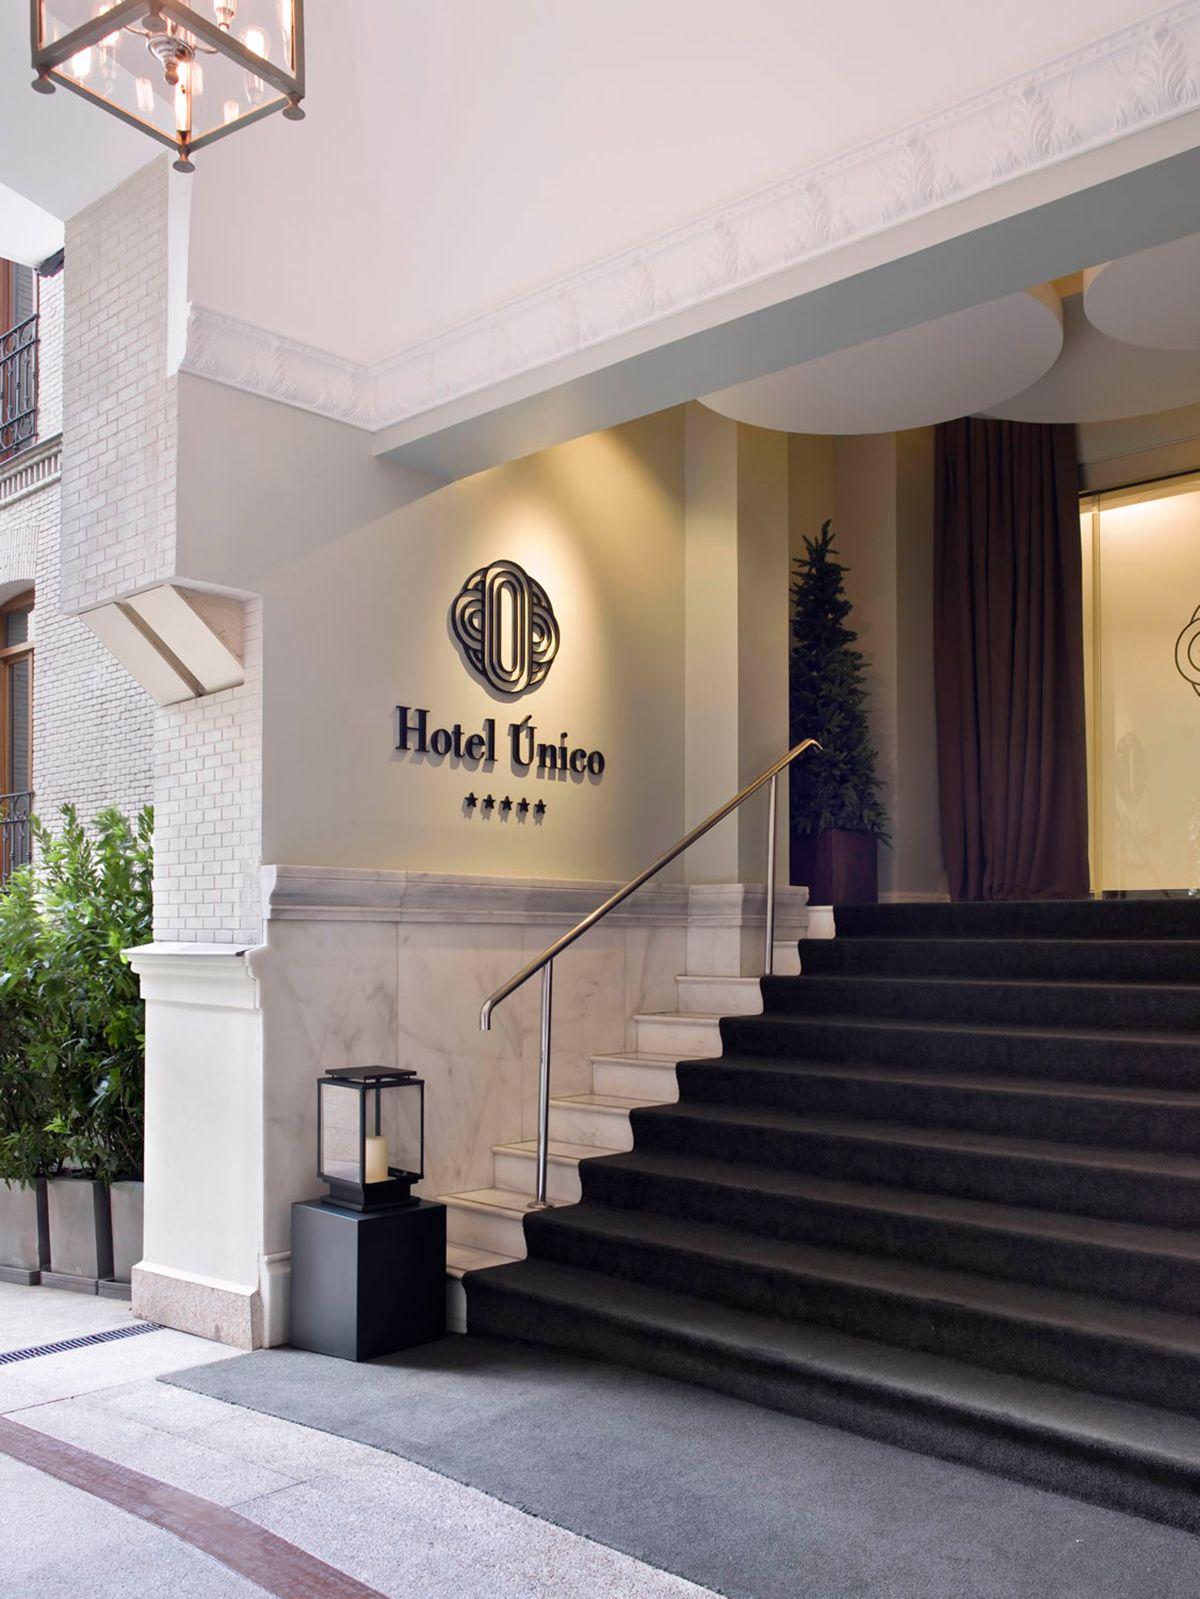 localizacion-evento-hotel-unico-madrid-1